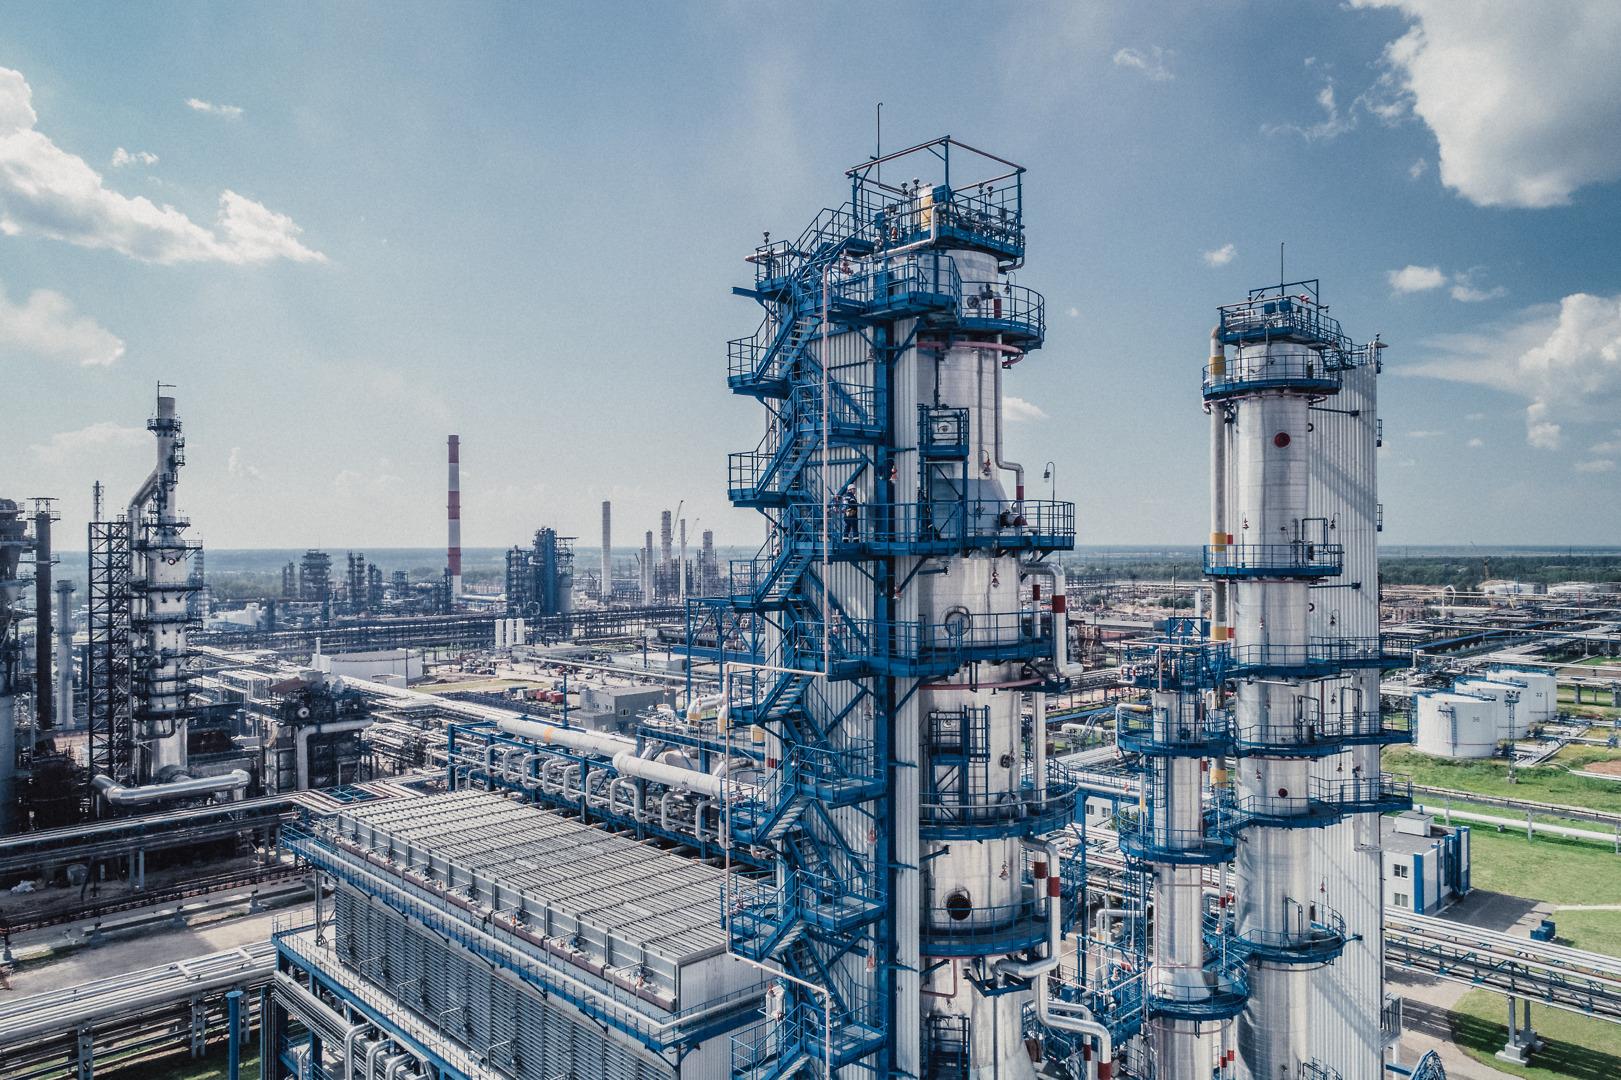 Нефтеперерабатывающий завод в Омске внедряет в свое производство технологии цифрового контроля безопасности